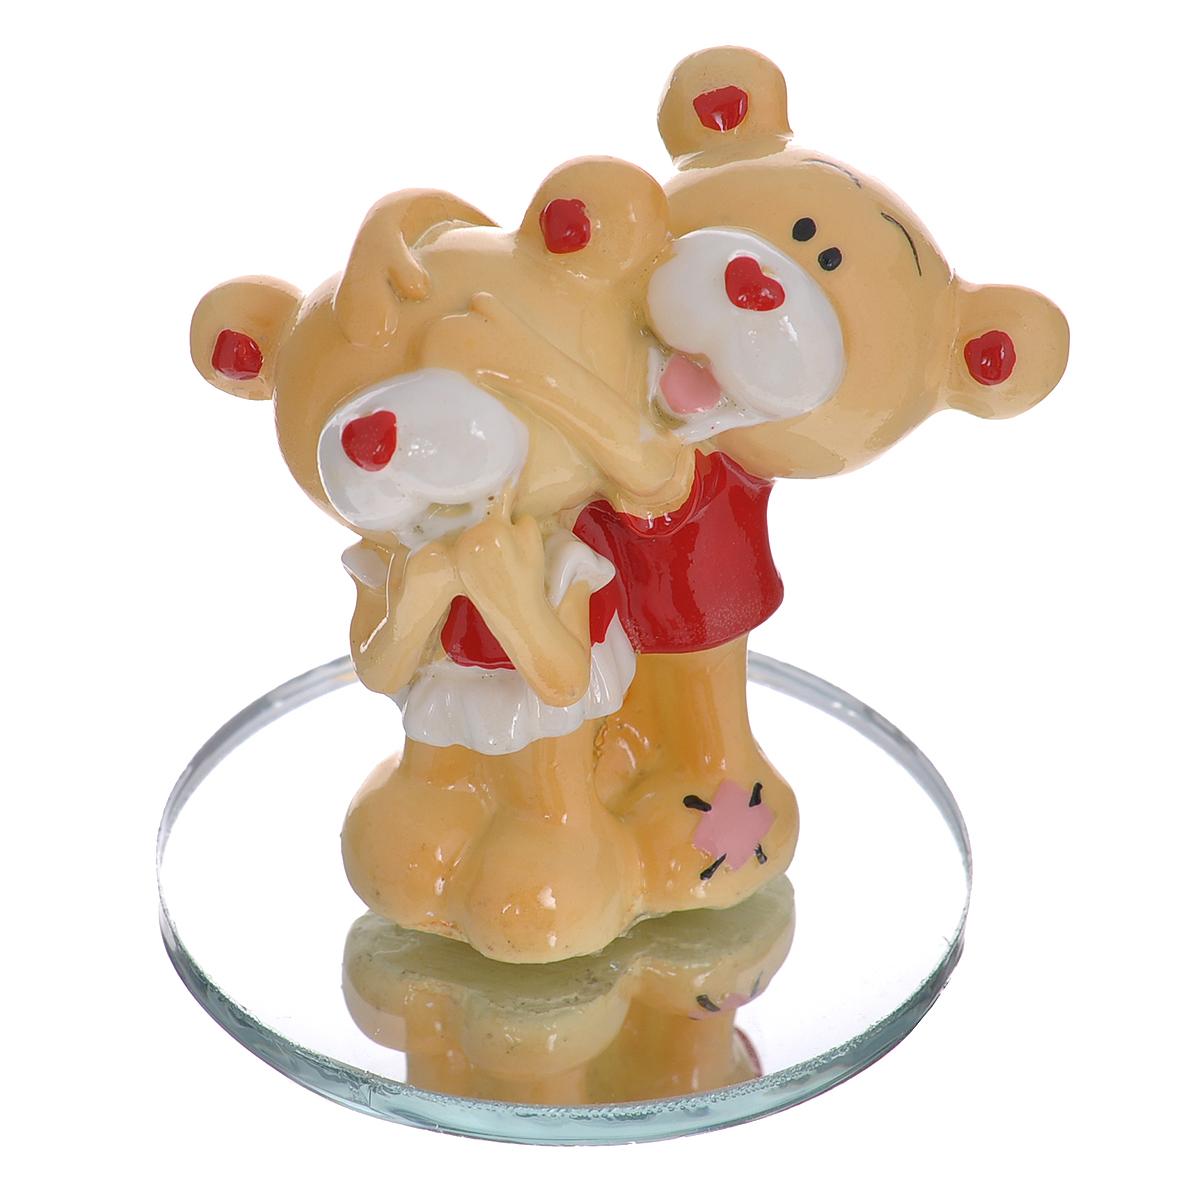 Фигурка декоративная Мишка-валентинка. 123431123431Декоративная фигурка Мишка-валентинка изготовлена из полистоуна в виде двух милых медвежат. Фигурка помещается на круглую зеркальную подставку. Такая фигурка станет идеальным сувениром ко Дню Святого Валентина, она без лишних слов выразит все ваши чувства. Фигурка упакована в подарочную коробку, перевязанную красной атласной лентой. Характеристики: Материал: полистоун, стекло. Цвет: бежевый, красный. Высота фигурки: 5,5 см. Диаметр основания: 5 см. Размер упаковки: 7,5 см х 6 см х 10 см. Артикул: 123431.